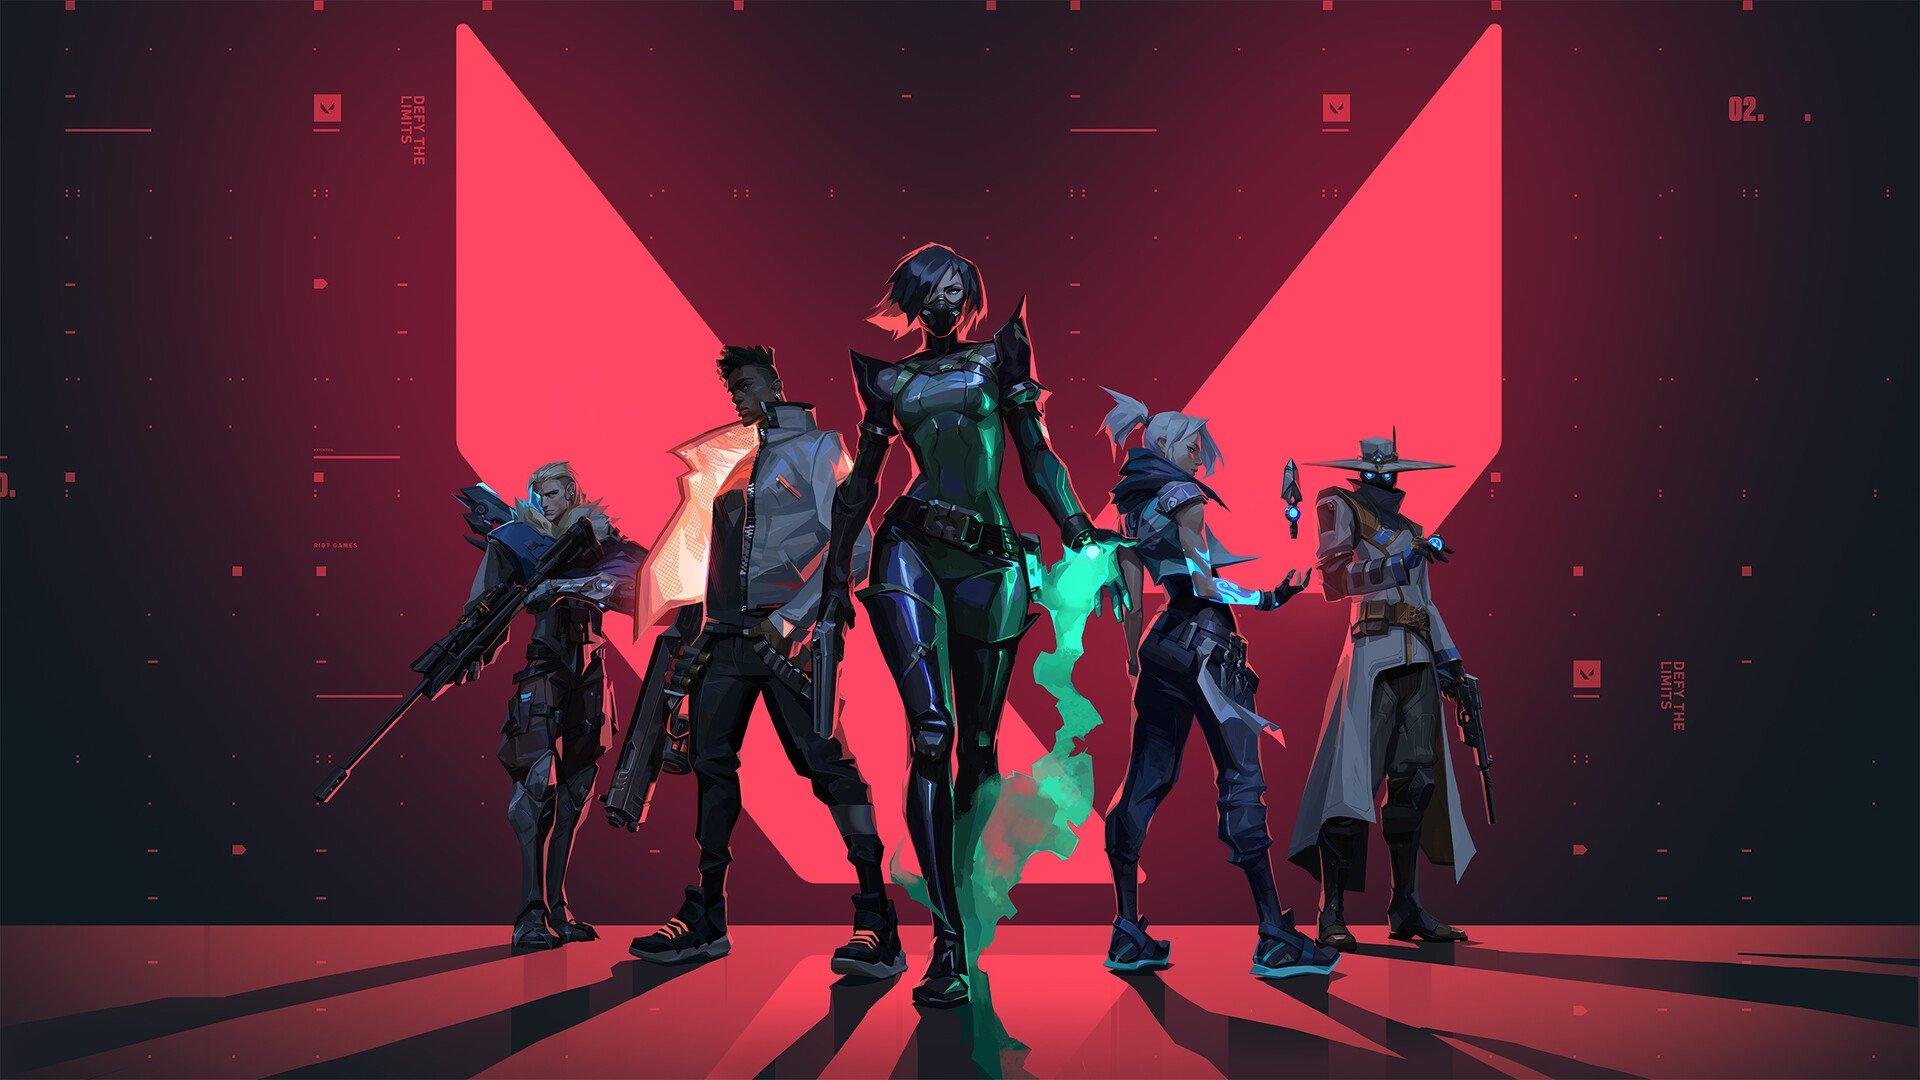 Riot Games son zamanlardaki popüler FPS oyunu VALORANT son güncellemesi ile bazı sistemlerde donma sorunu yaratıyordu.